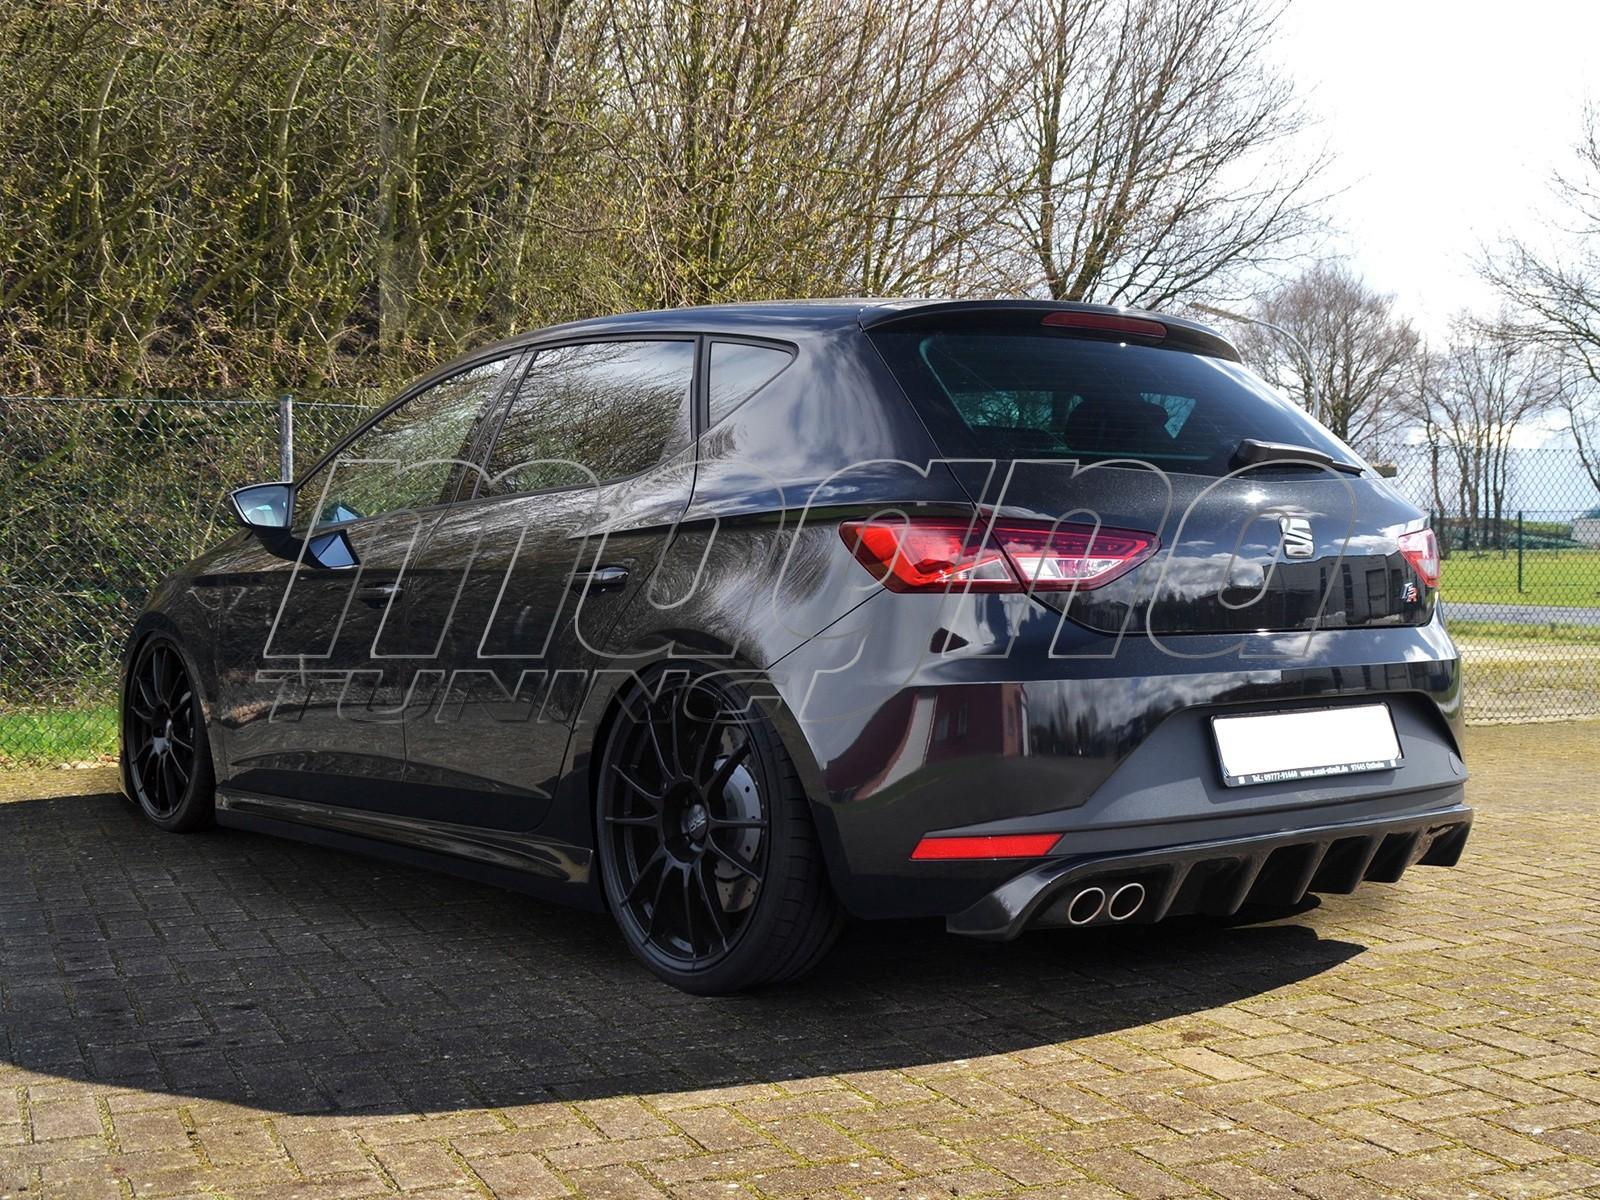 Audi-TT-8J-MK2-sexy-tuning-babe-at-show-1 | Audi TT Mk1 8n